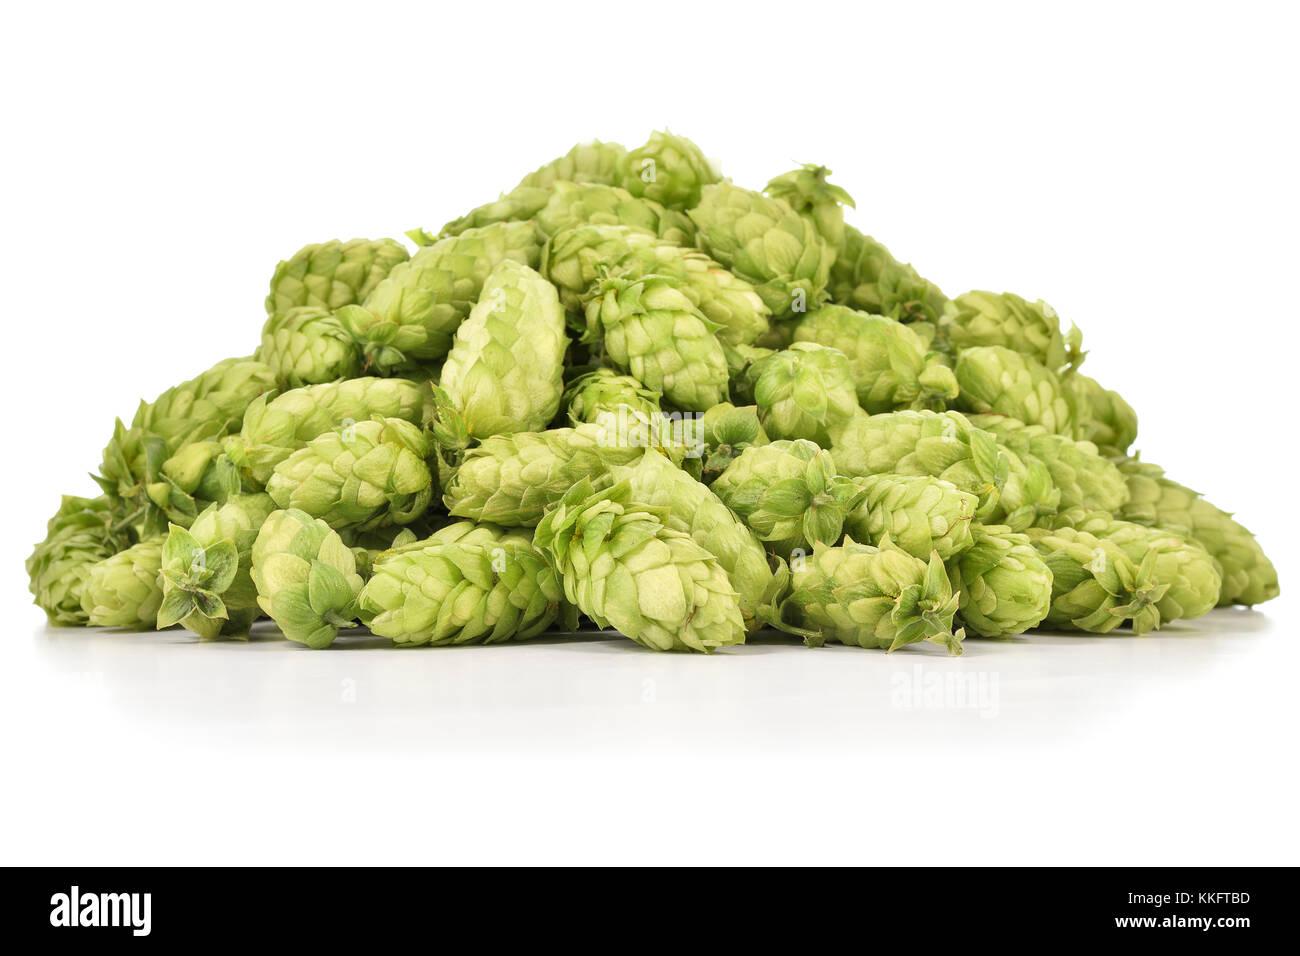 Haufen frischer grüner Hopfen (humulus lupulus) auf weißem Hintergrund. Stapel der Hopfen, Zutat für Stockbild